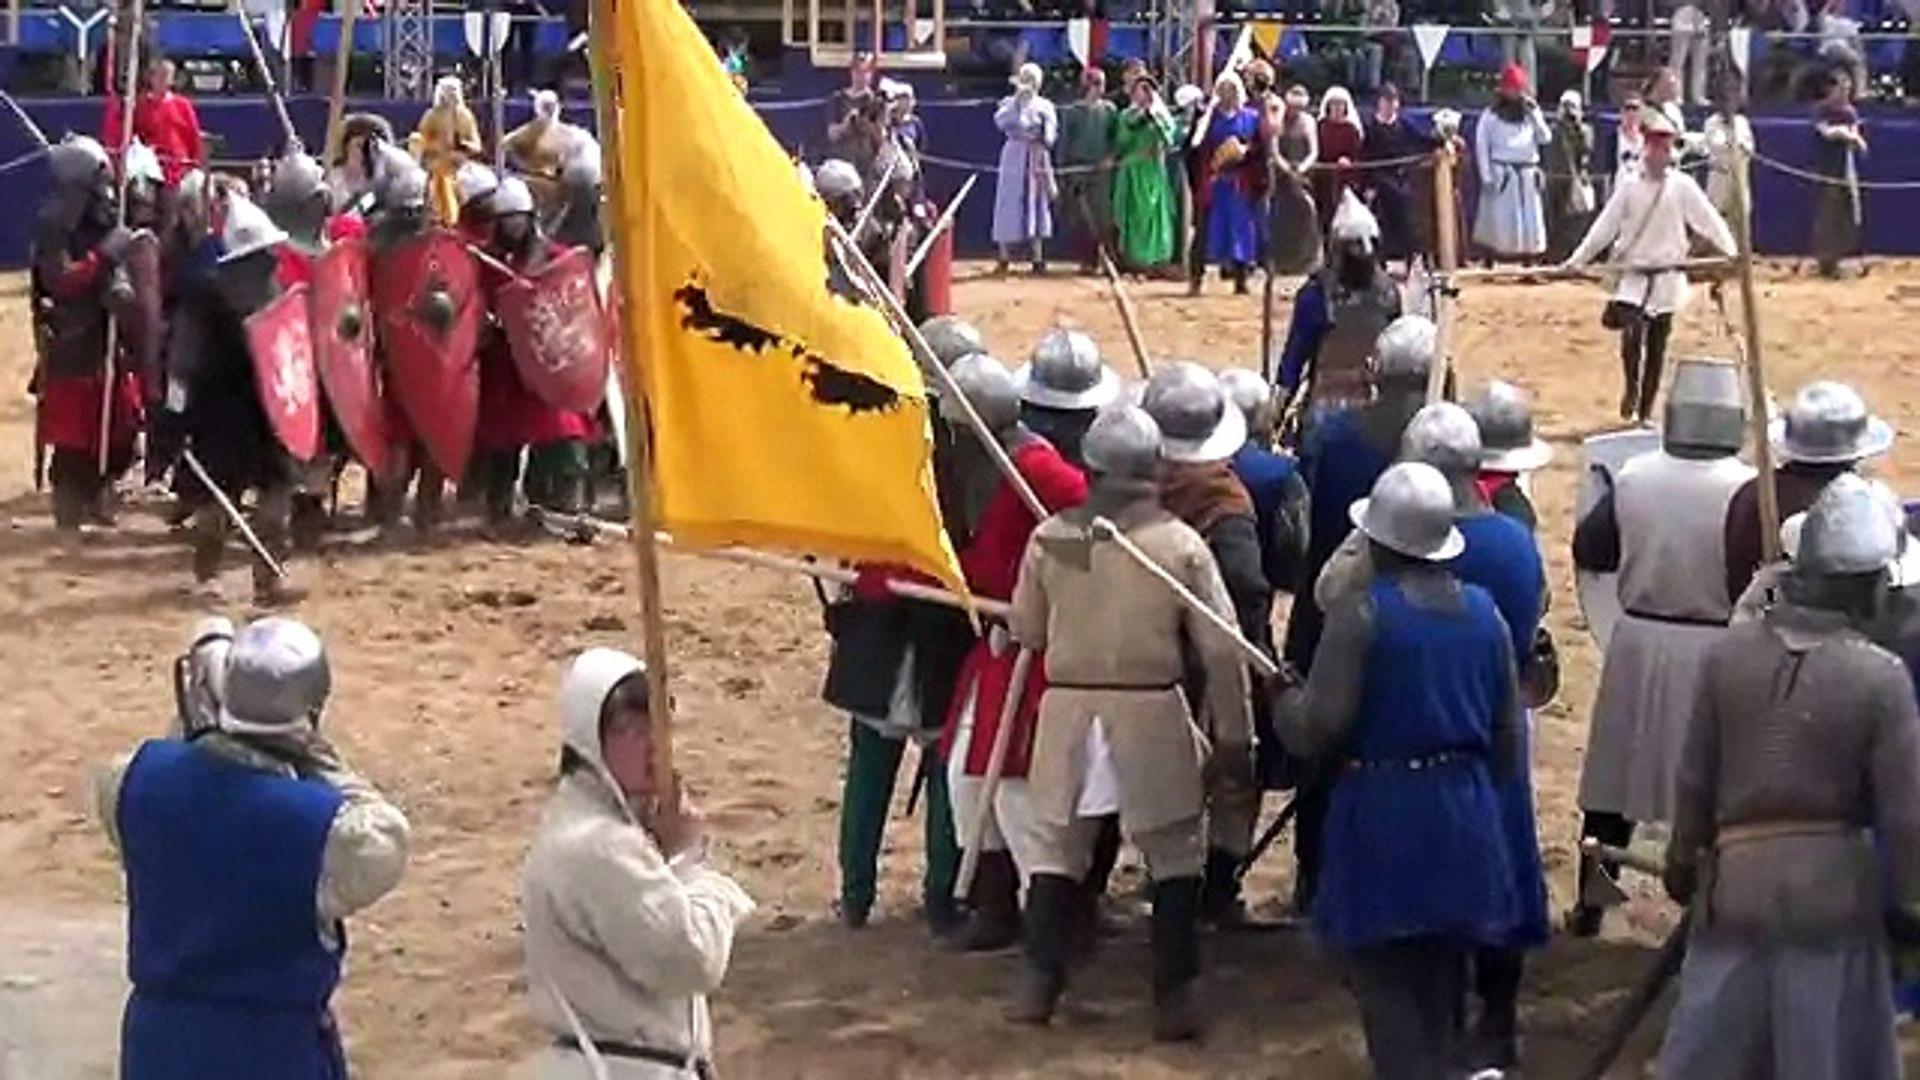 Времена и Эпохи 2013. Пехота. Бой в 4 отряда! Times & Epochs. Middle Ages